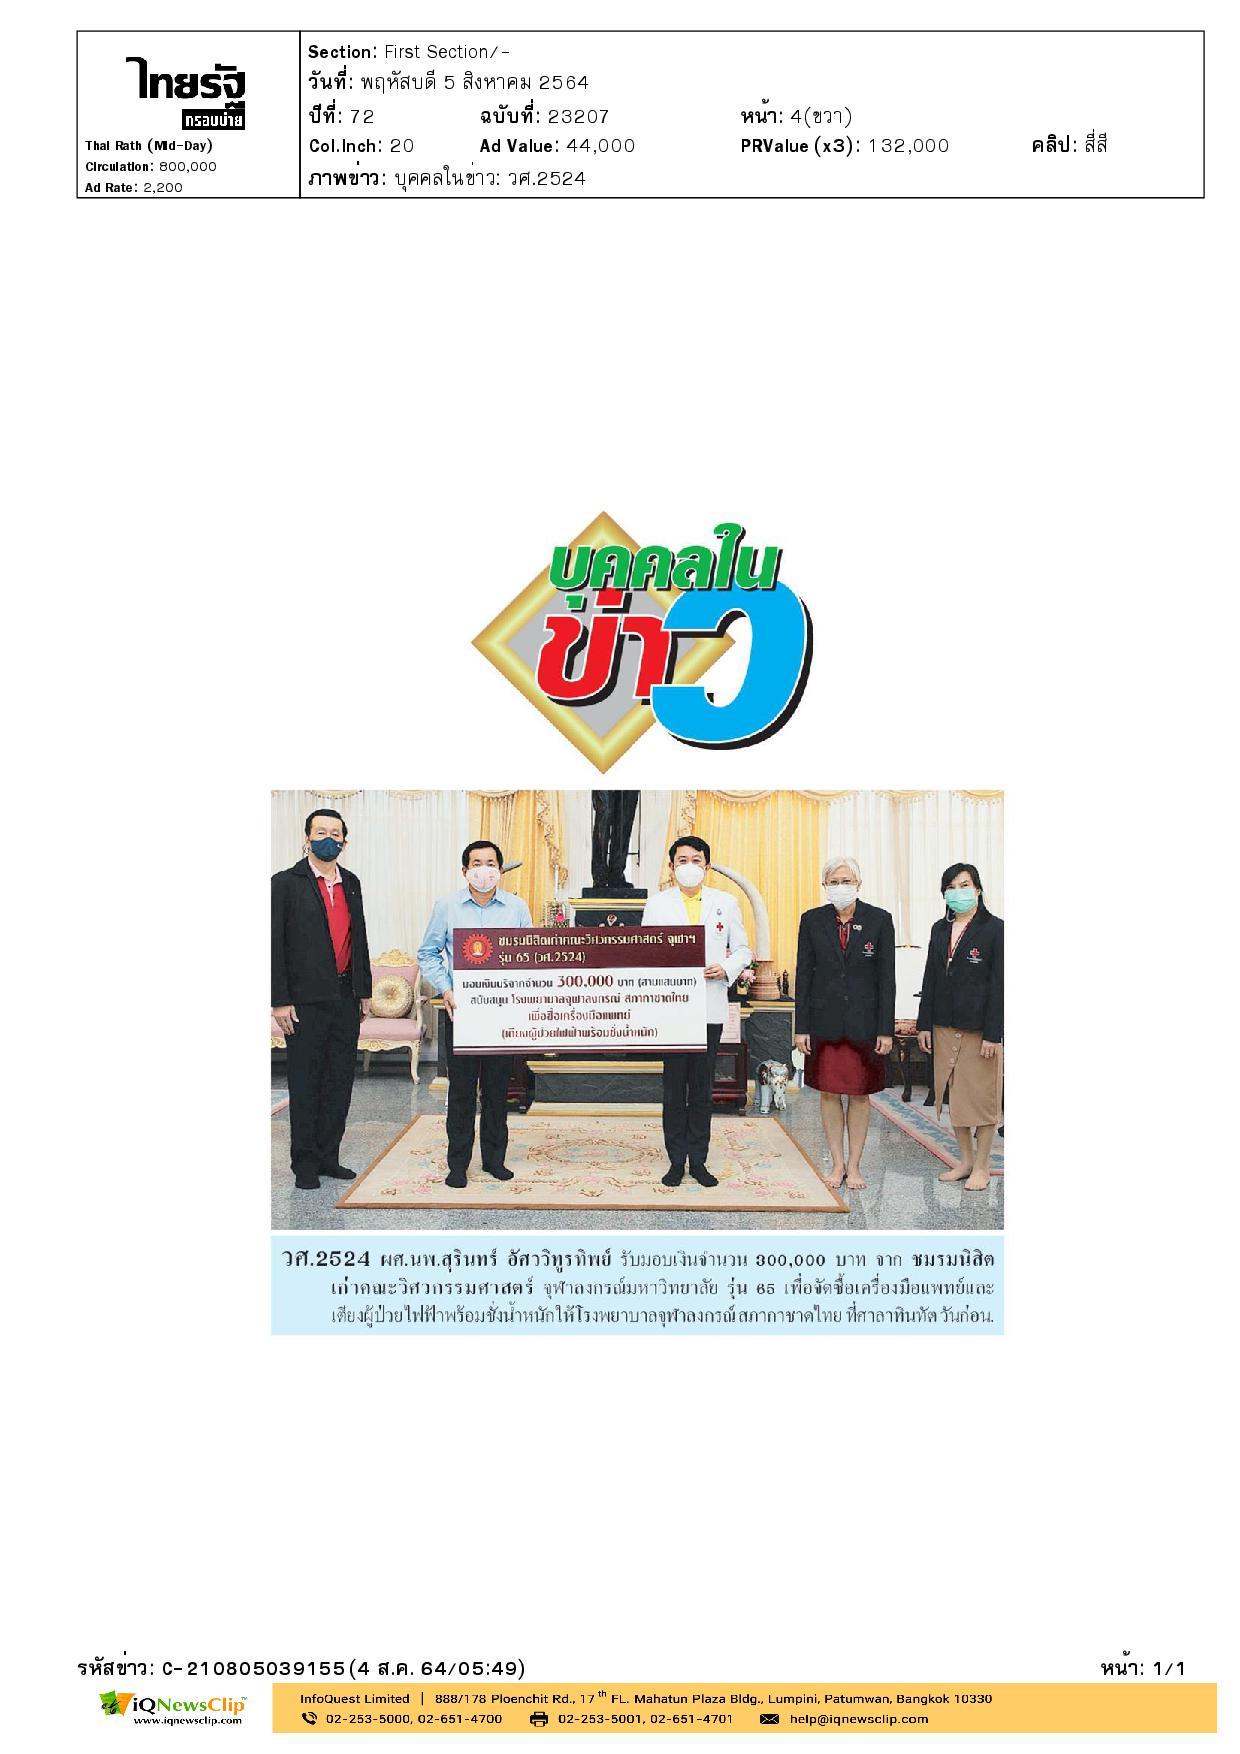 ผศ.นพ.สุรินทร์ อัศววิทูรทิพย์ รับมอบเงินเพื่อจัดซื้อเครื่องมือแพทย์และเตียงผู้ป่วยไฟฟ้าให้ รพ.จุฬาฯ